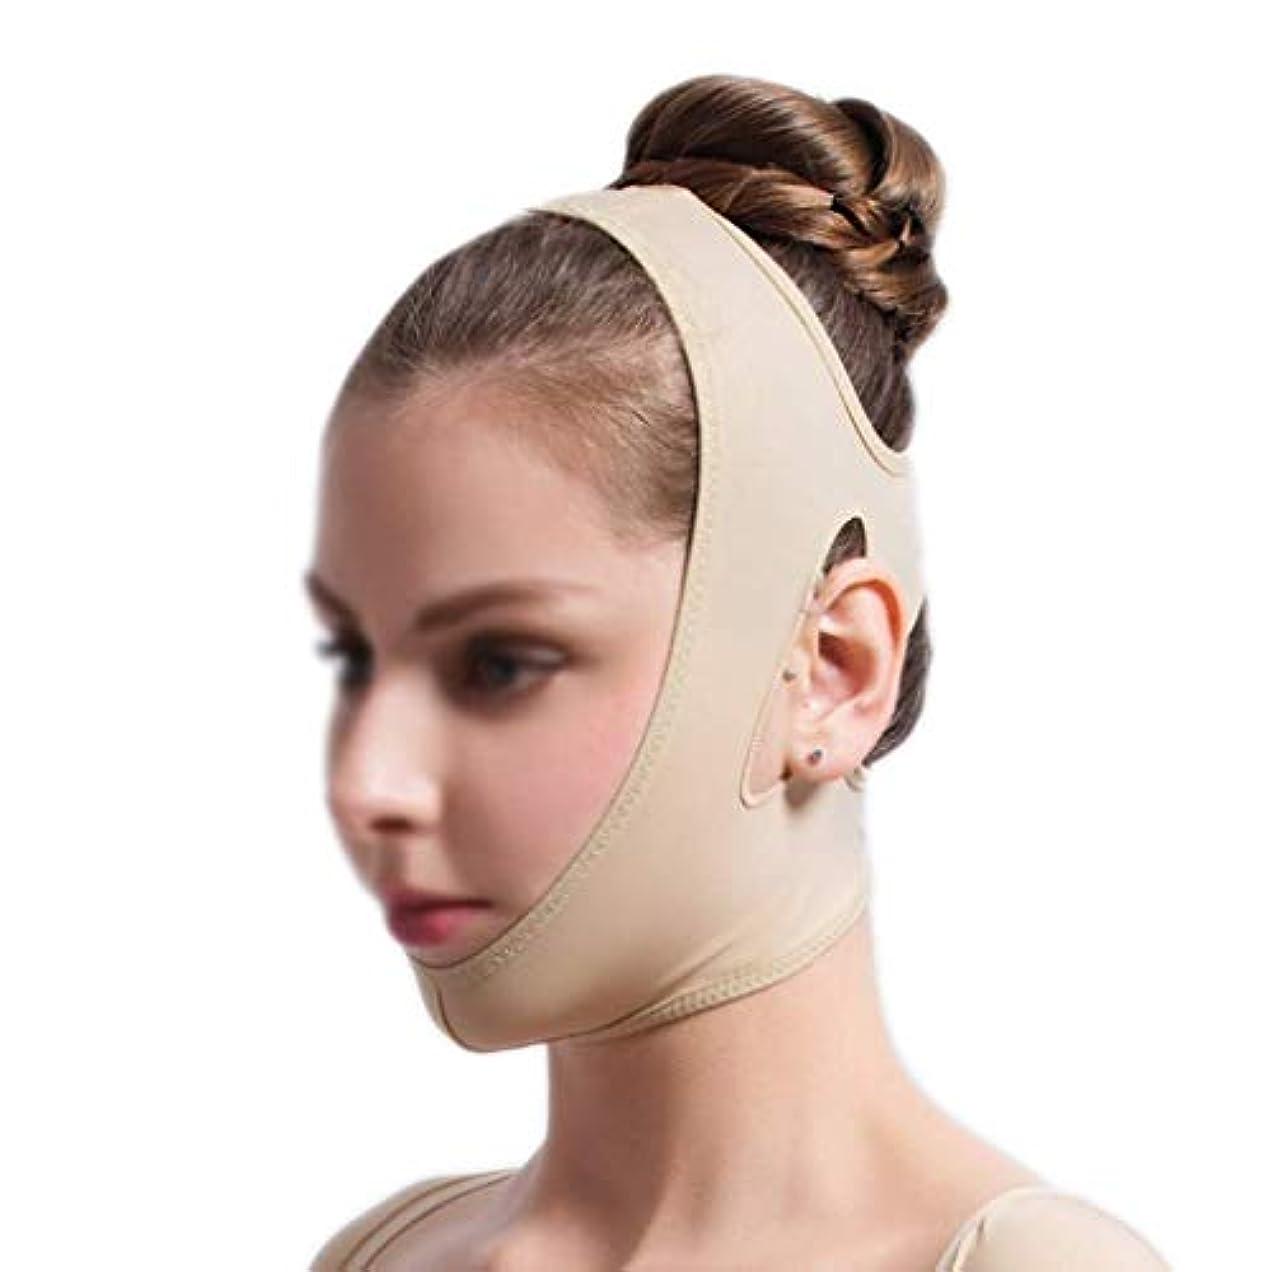 彼女の確実人類フェイスリフティングバンデージ、フェイシャル減量マスク、フェイシャルリフティングスリミングベルト、痩身チークマスク(サイズ:S),XL